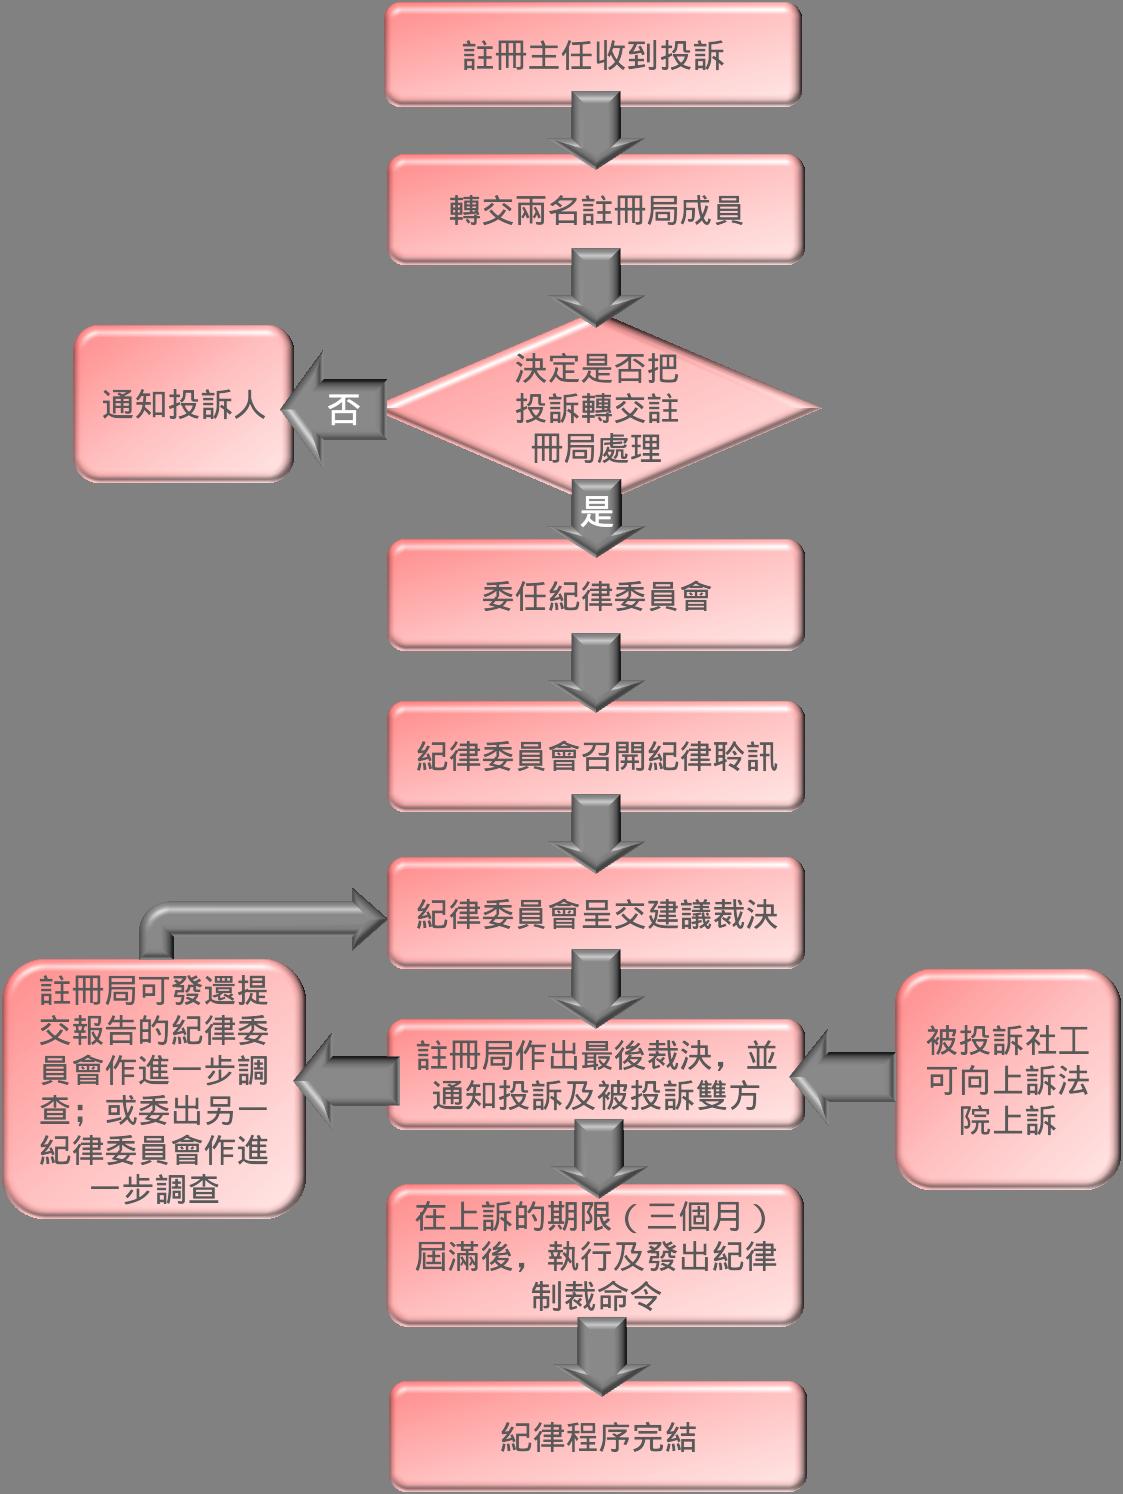 投訴程序流程圖